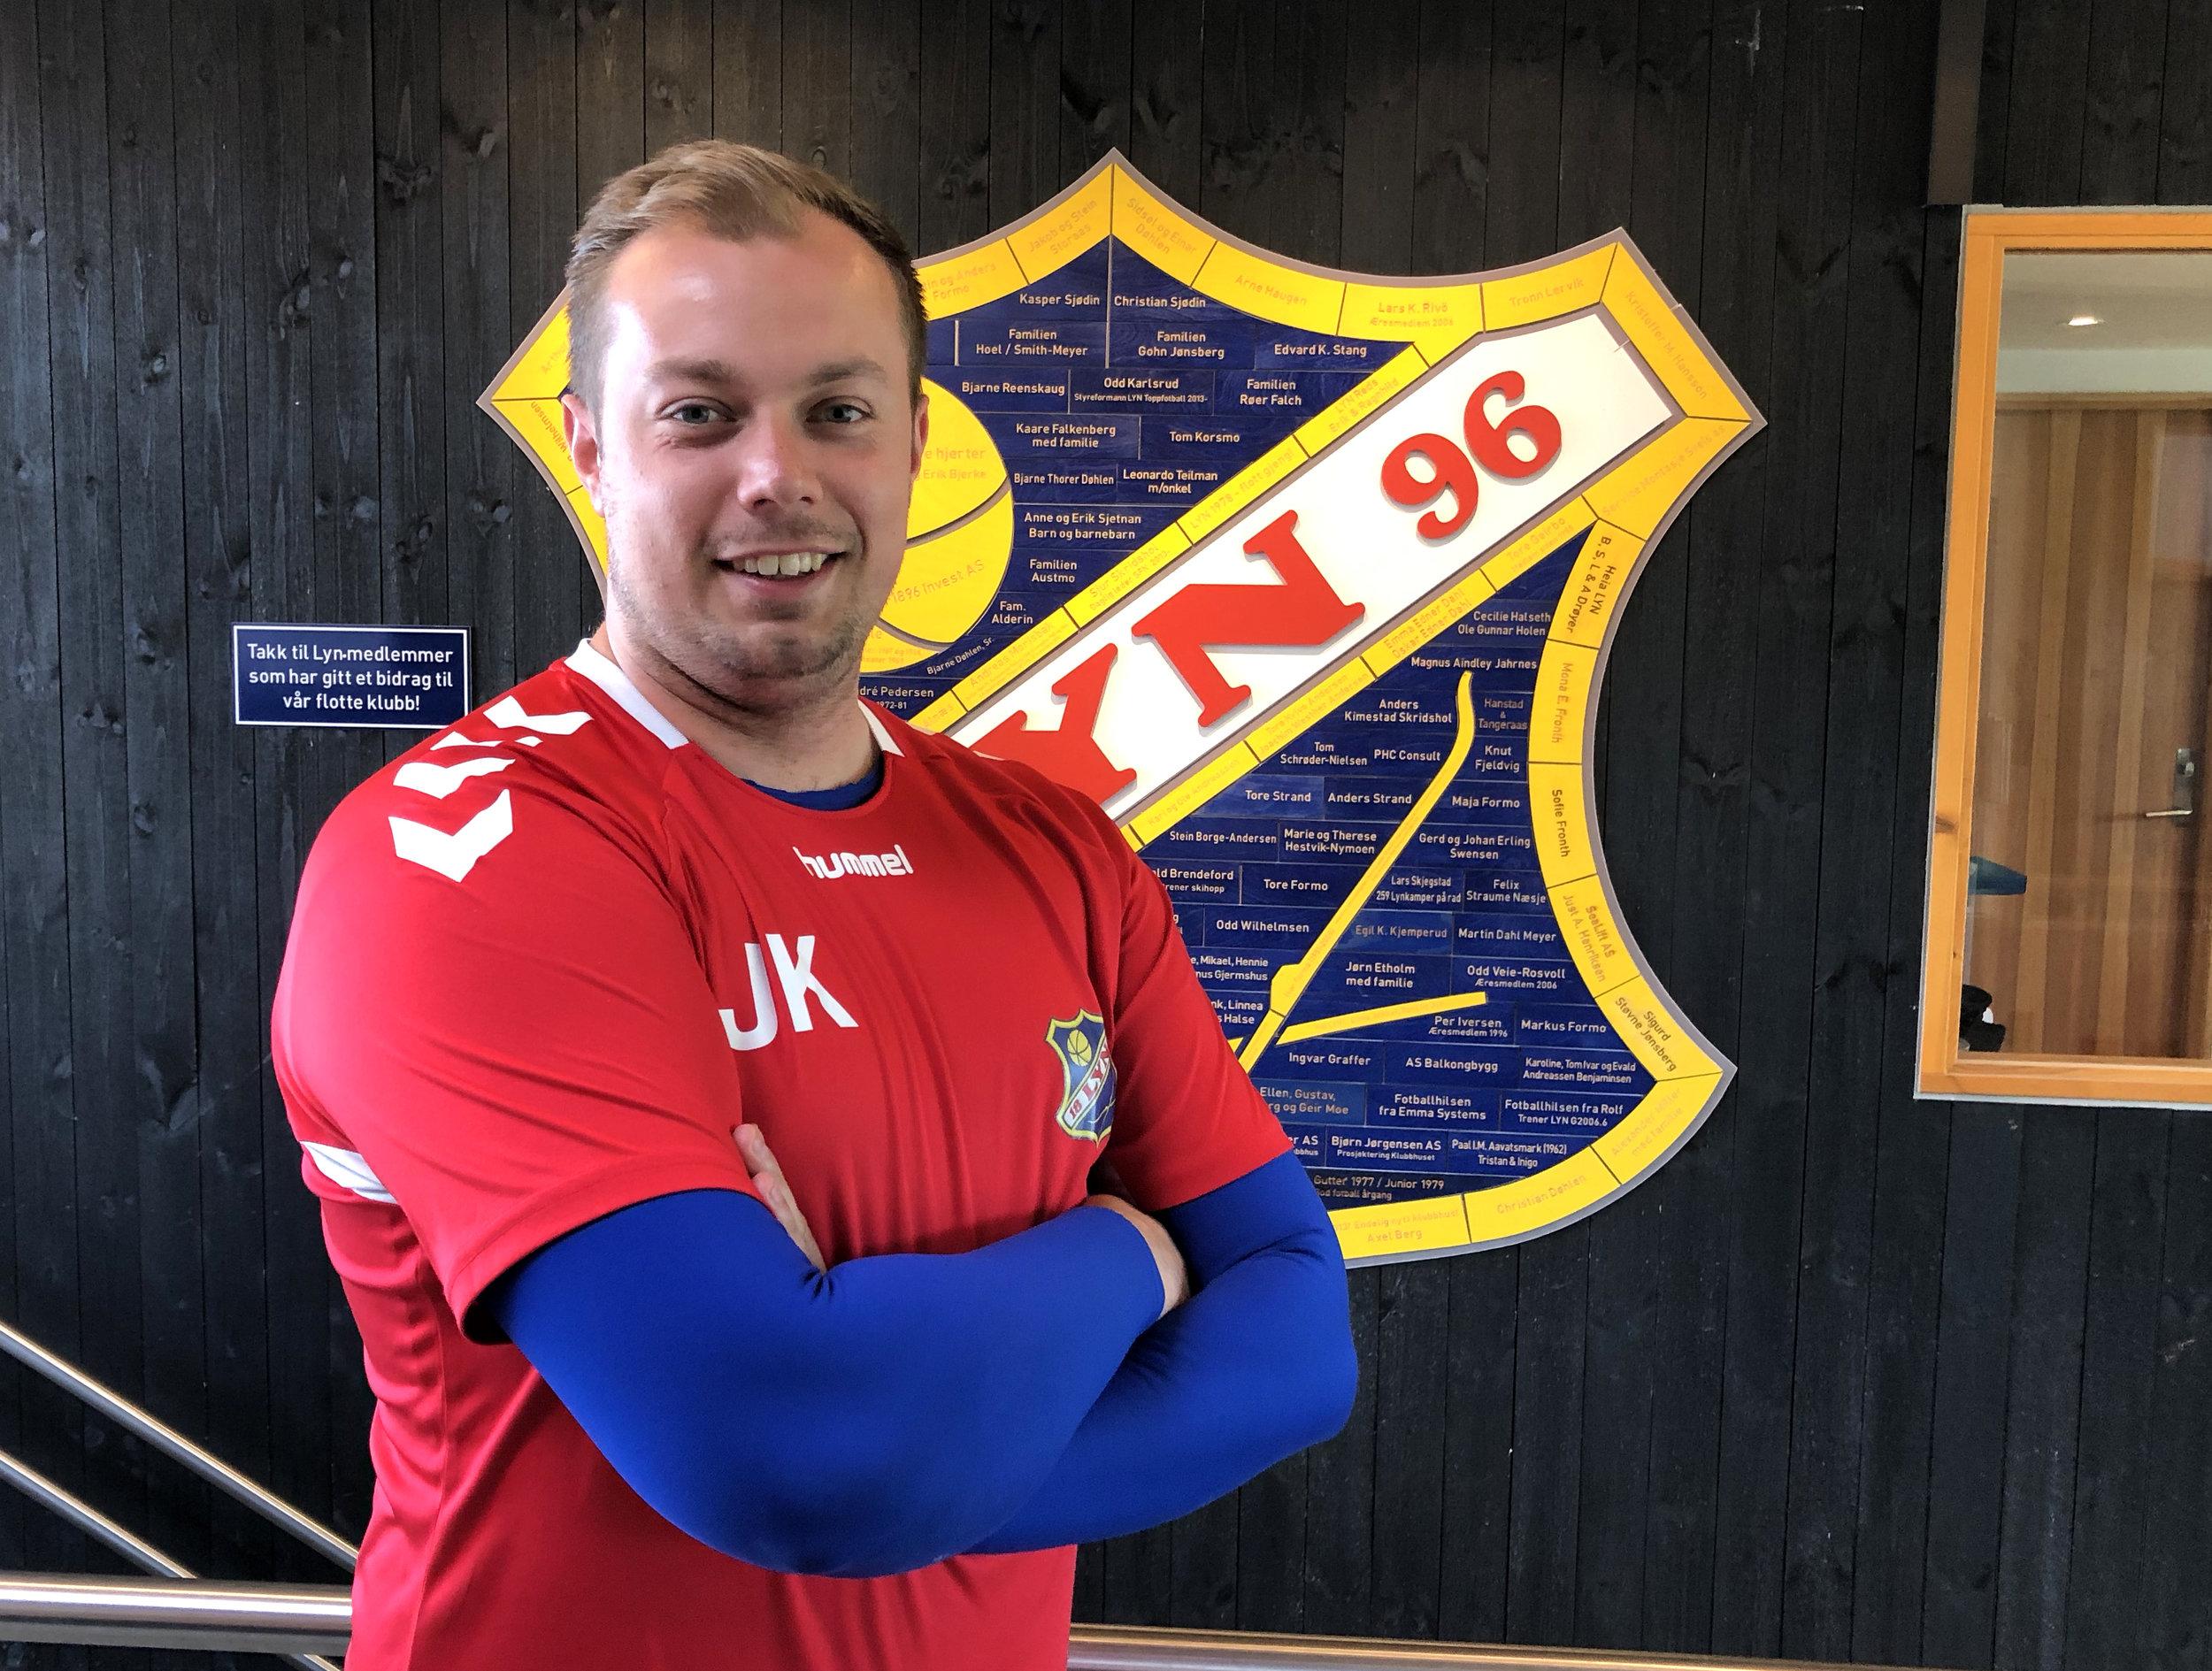 Jake Knight er ny keepertrener i Lyn. Foto: Lyn1896.no